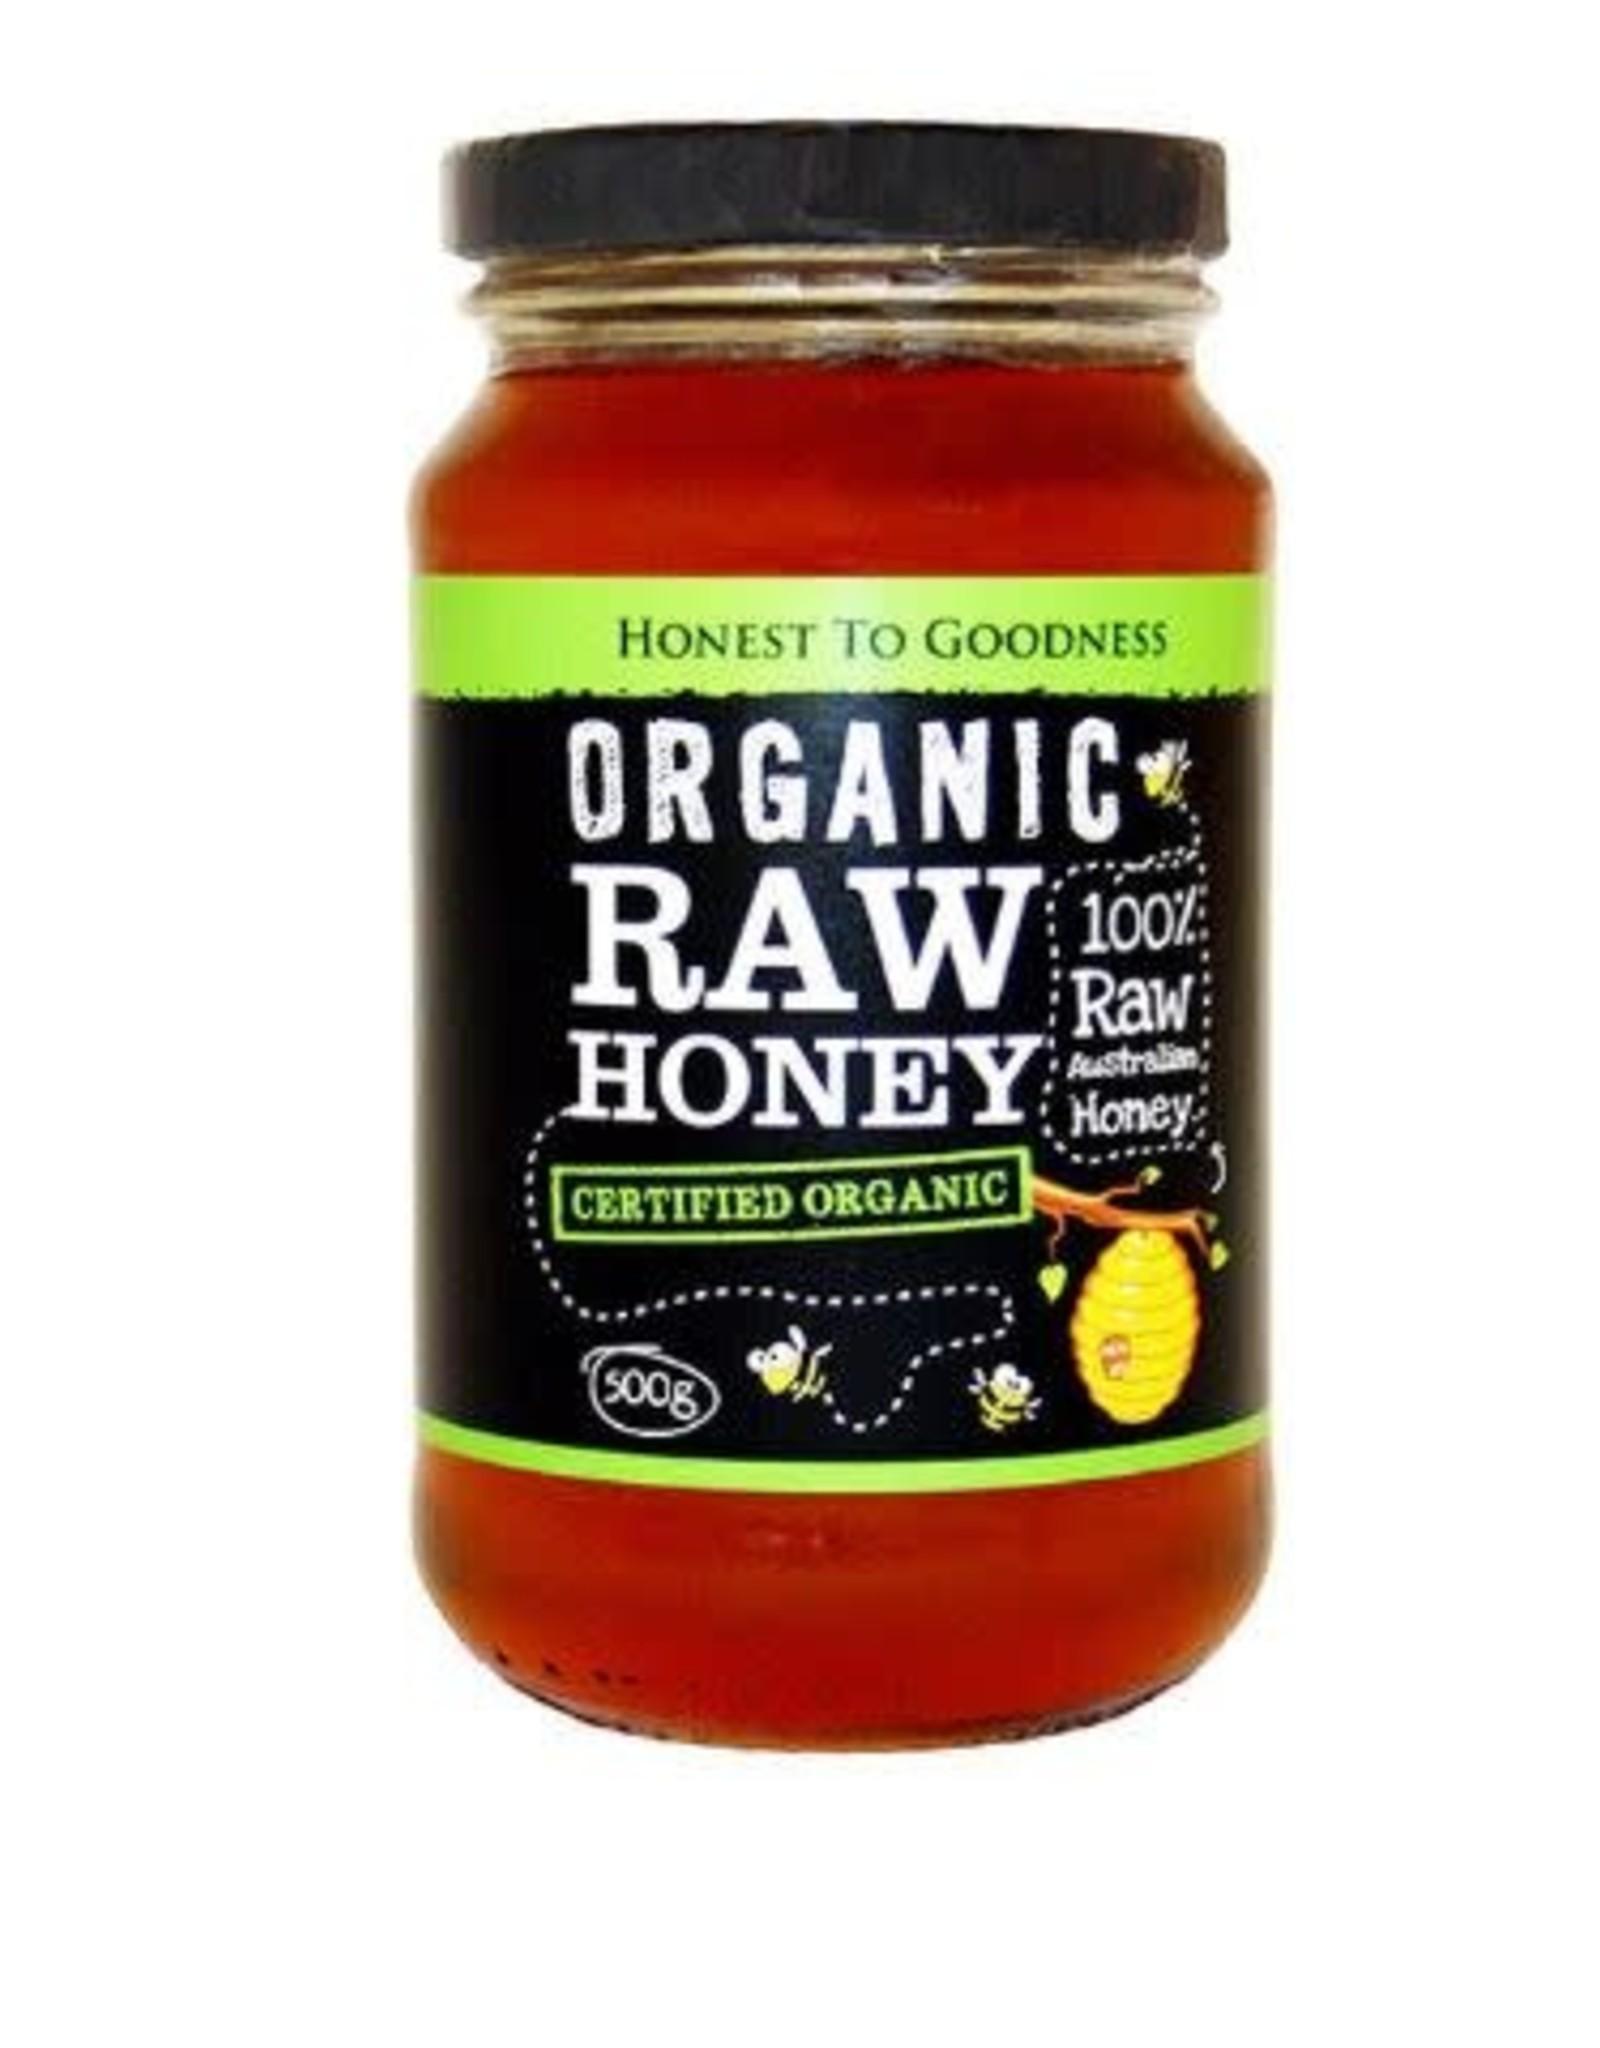 Honest To Goodness Organic Raw Honey 500g